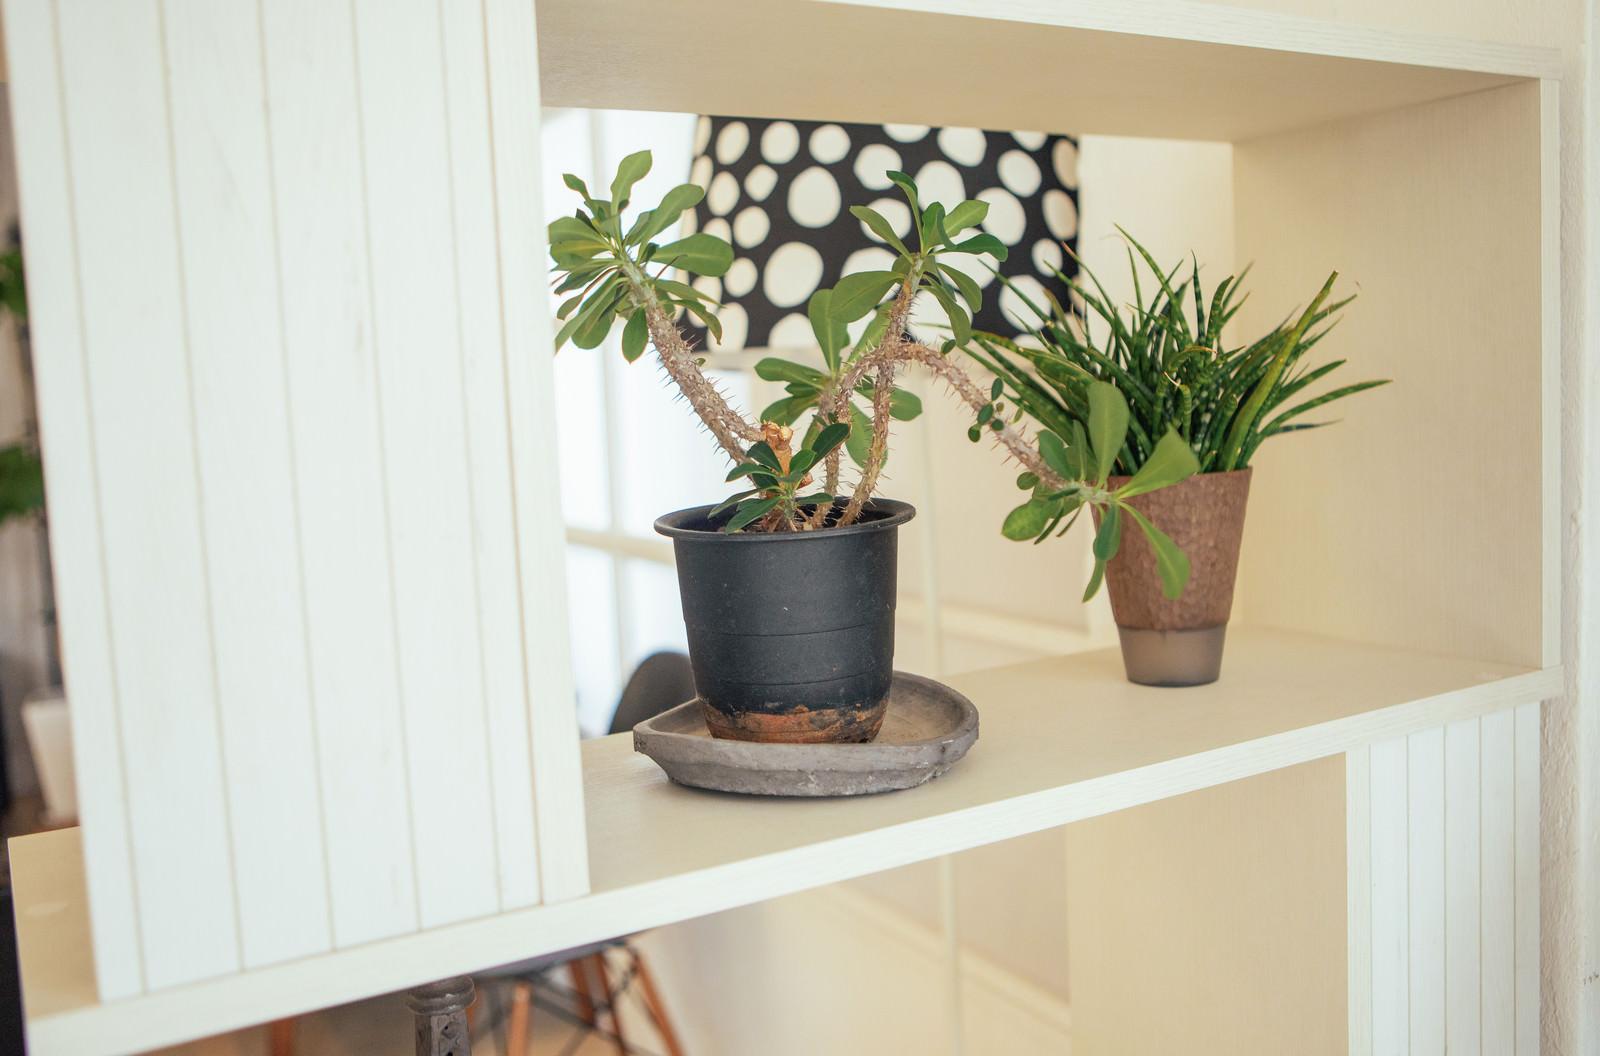 「棚に並べられた卓上サイズの観葉植物」の写真